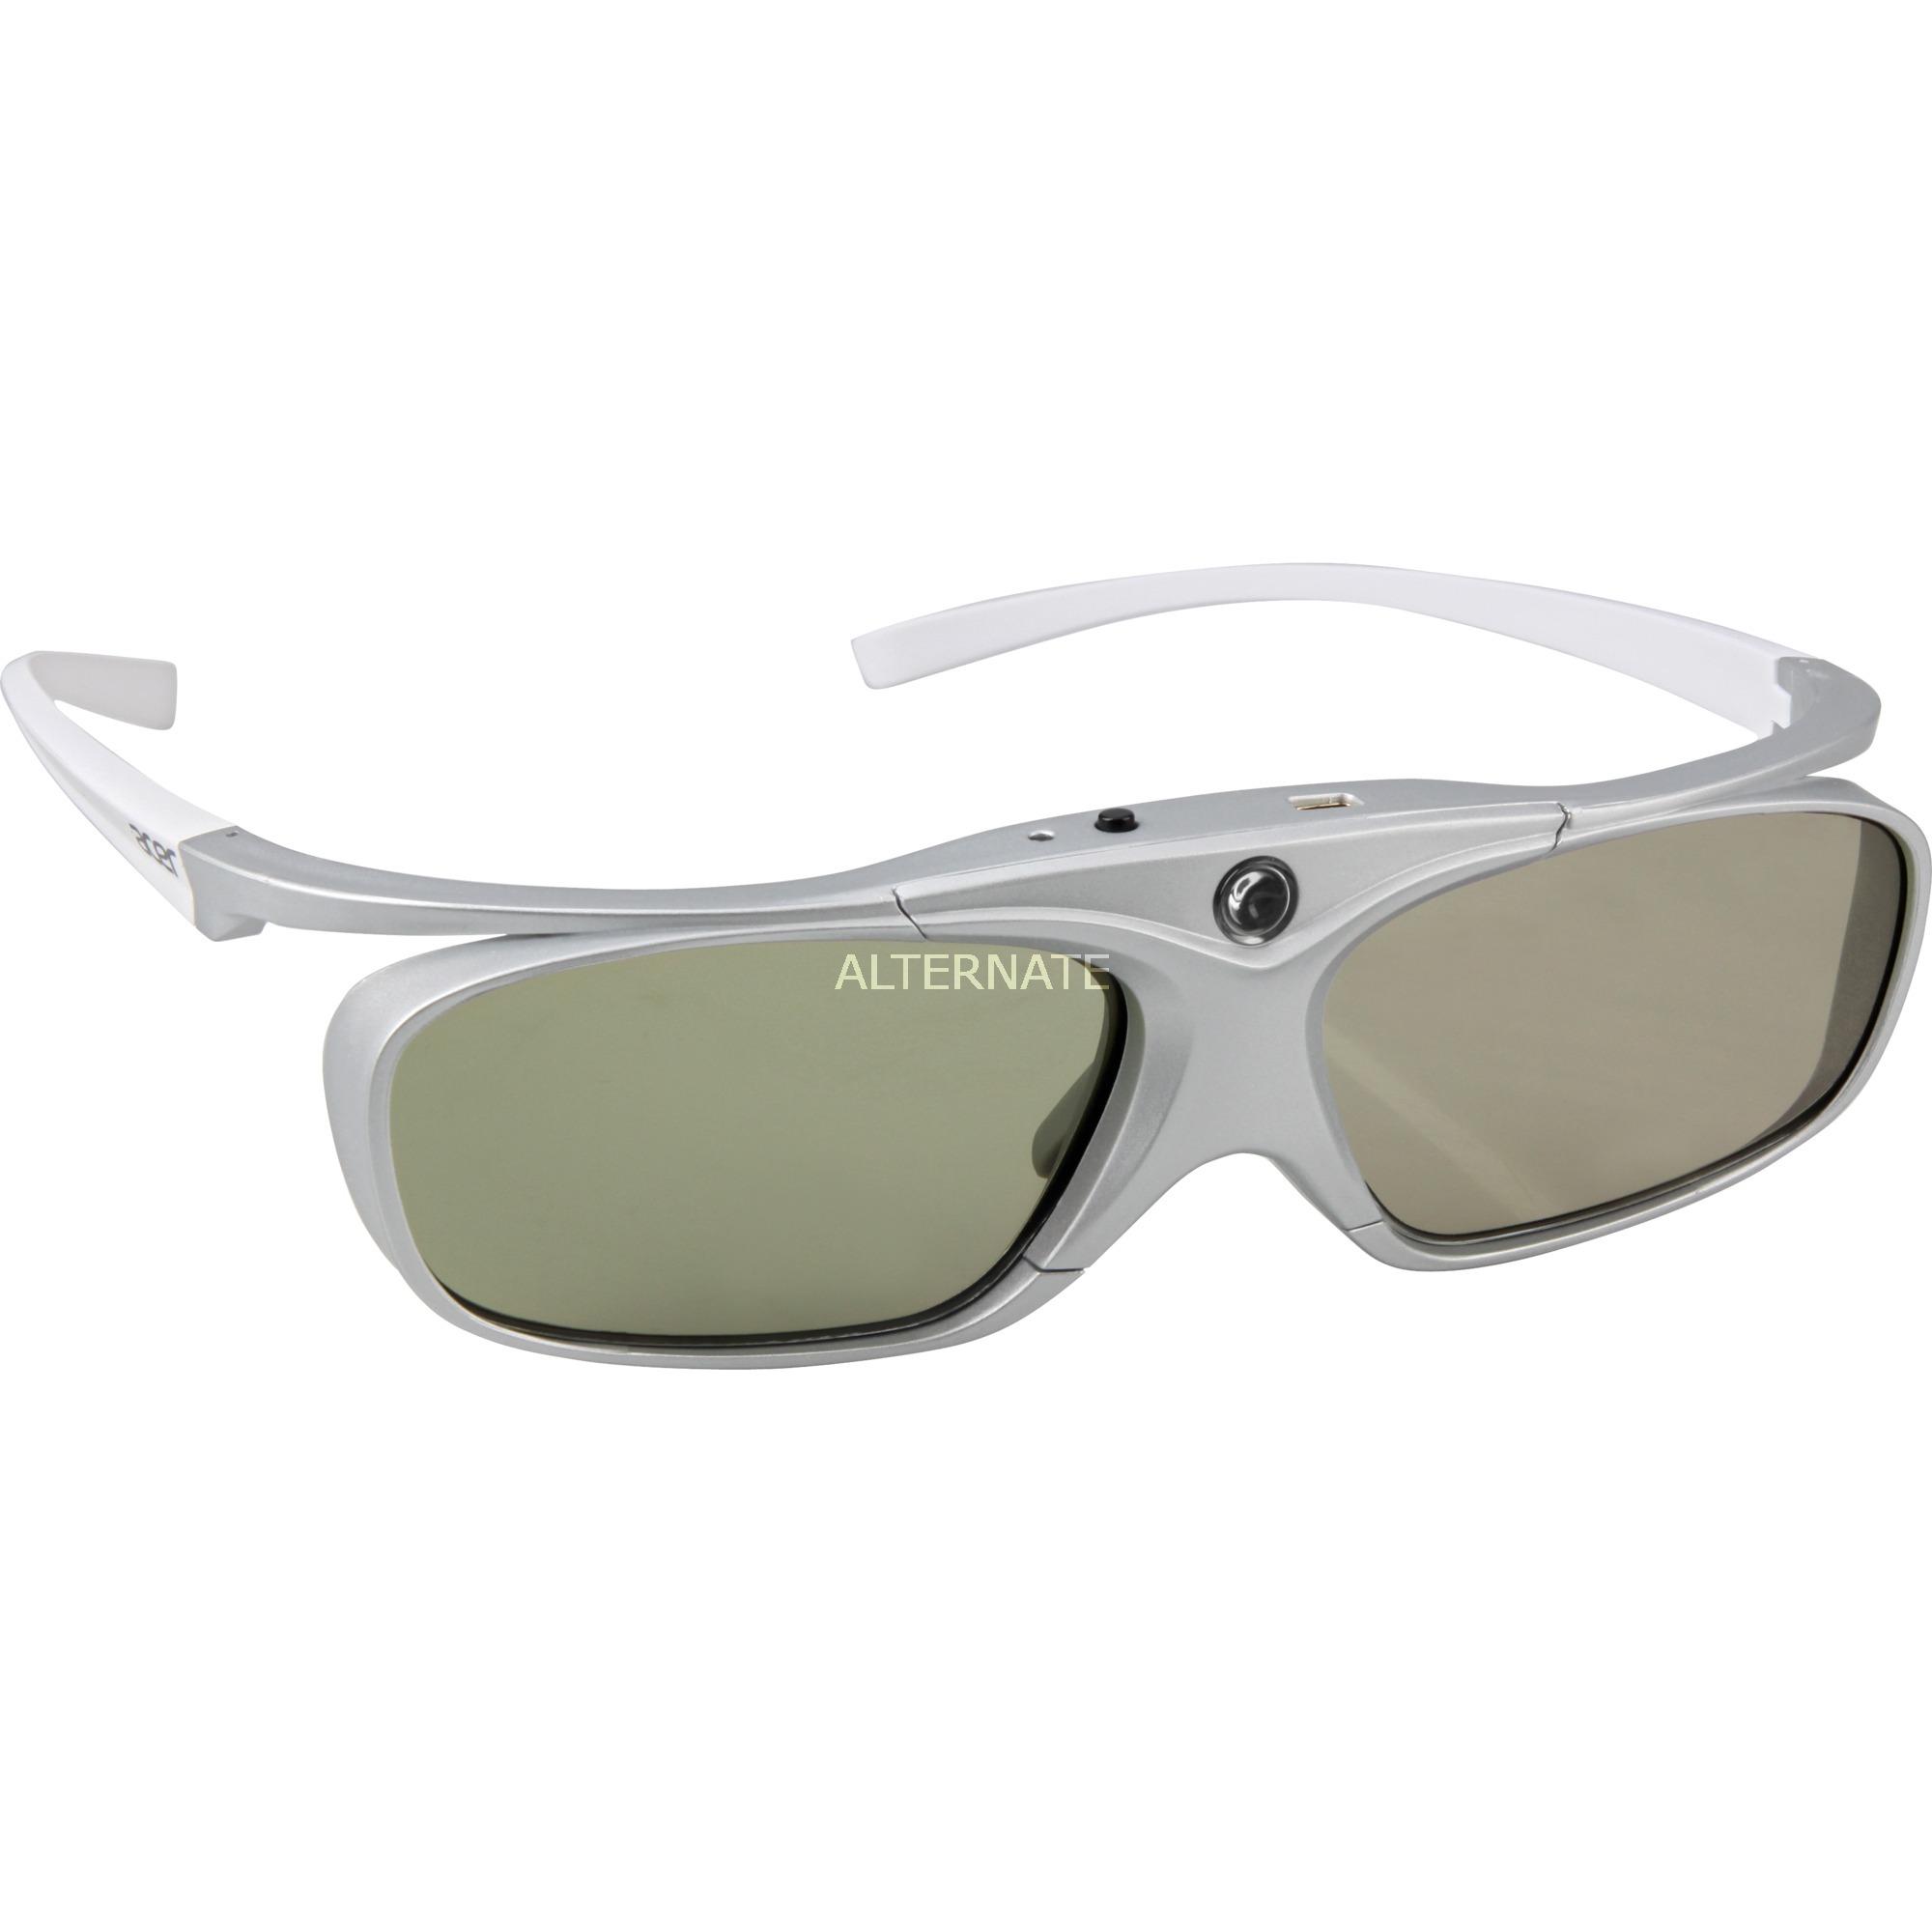 3D glasses E4w White / Silver gafas 3D estereóscopico Plata, Blanco 1 pieza(s)